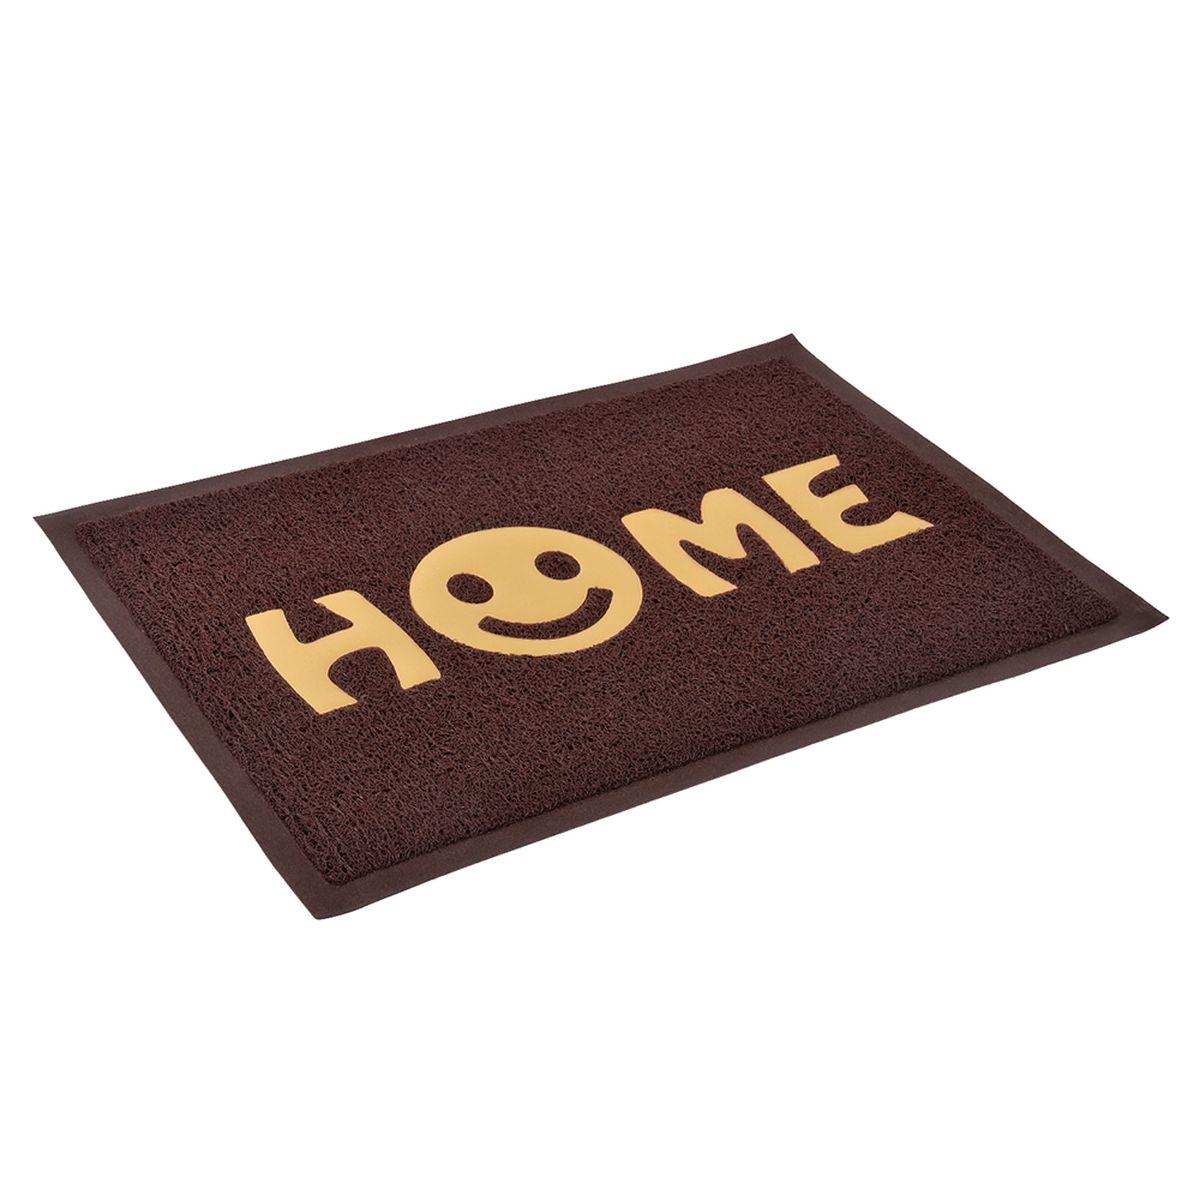 Коврик придверный Vortex Home, пористый, 40 х 60 см531-105Ворс коврика Vortex изготовлен из полимерного материала.Коврик Vortex гармонично впишется в интерьер вашего дома и создаст атмосферу уюта и комфорта. Изделие отлично подойдет как для использования в доме, так и снаружи.